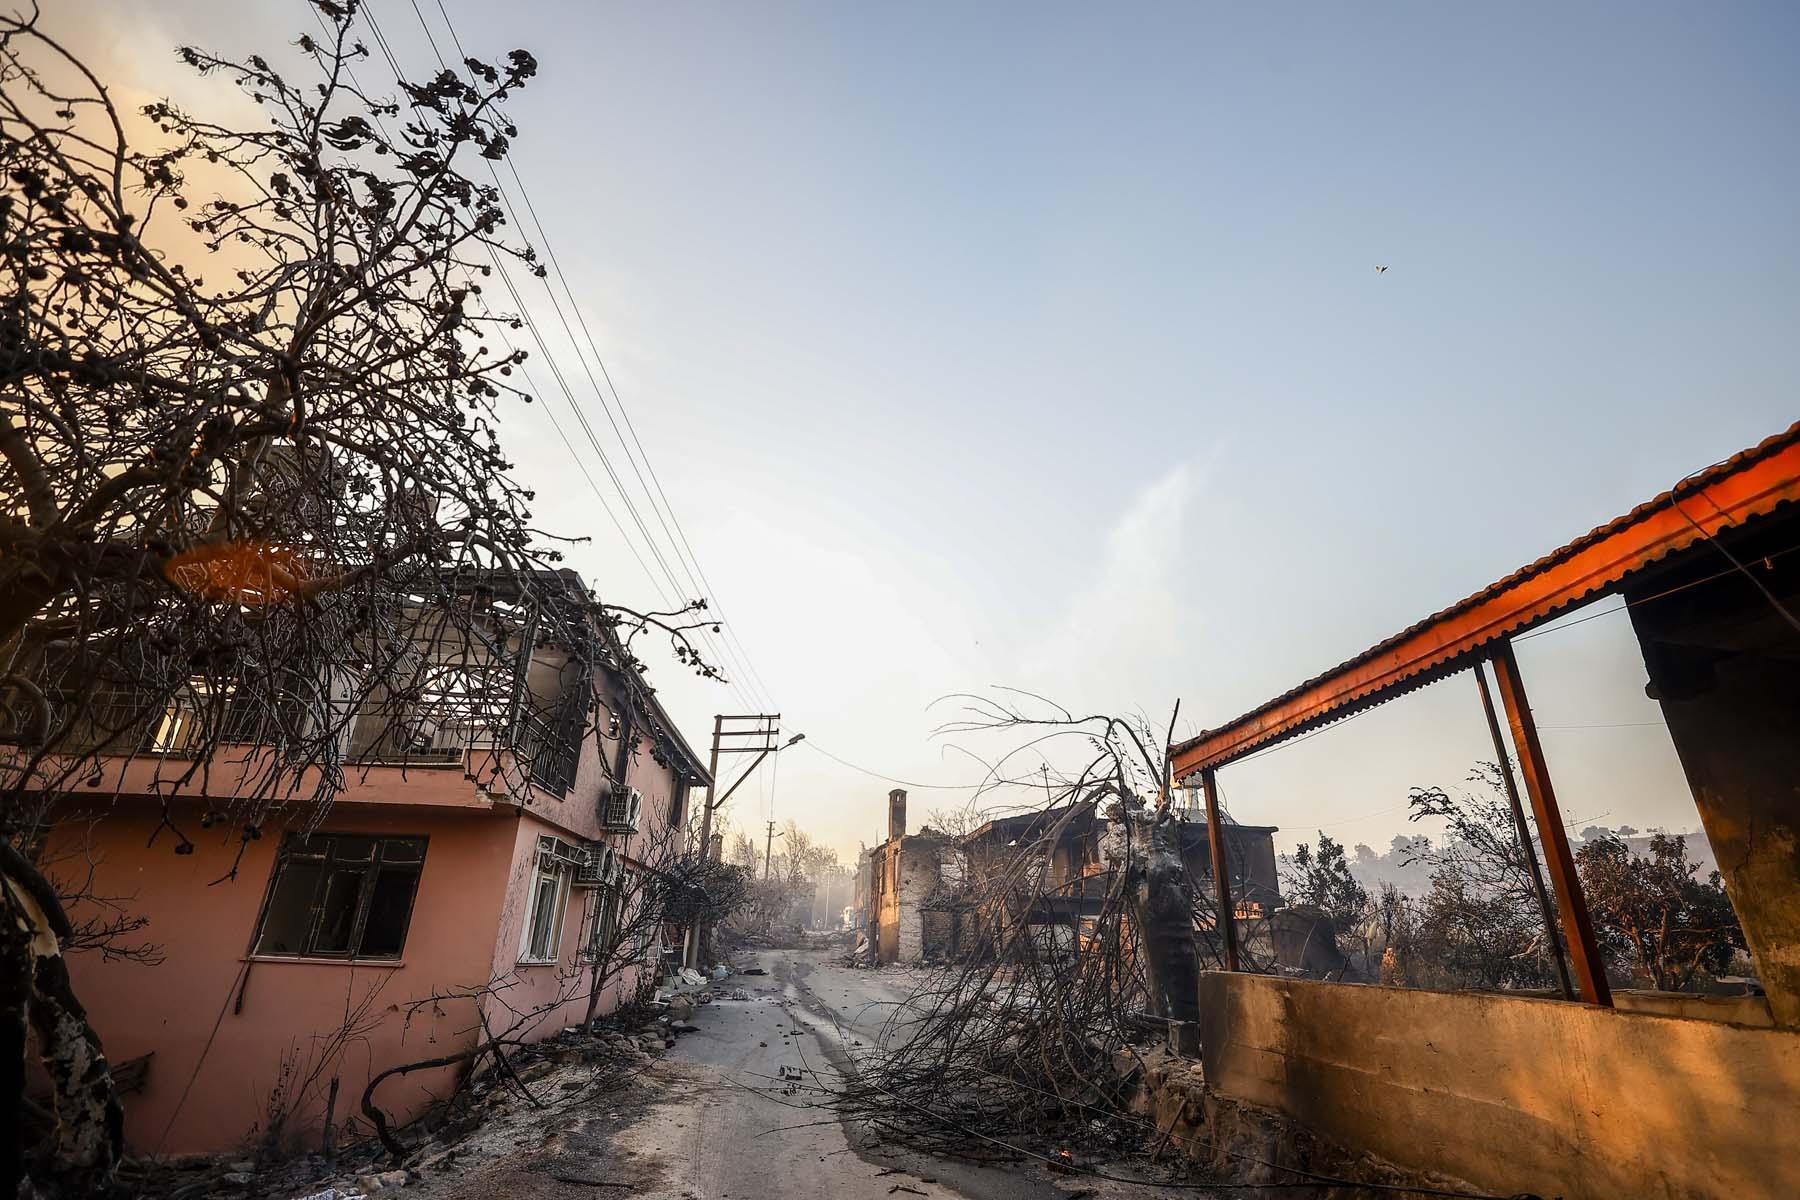 Son dakika   Bakan Pakdemirli ve AFAD acı haberi açıkladı! Manavgat'taki yangında can kaybı 3'e yükseldi